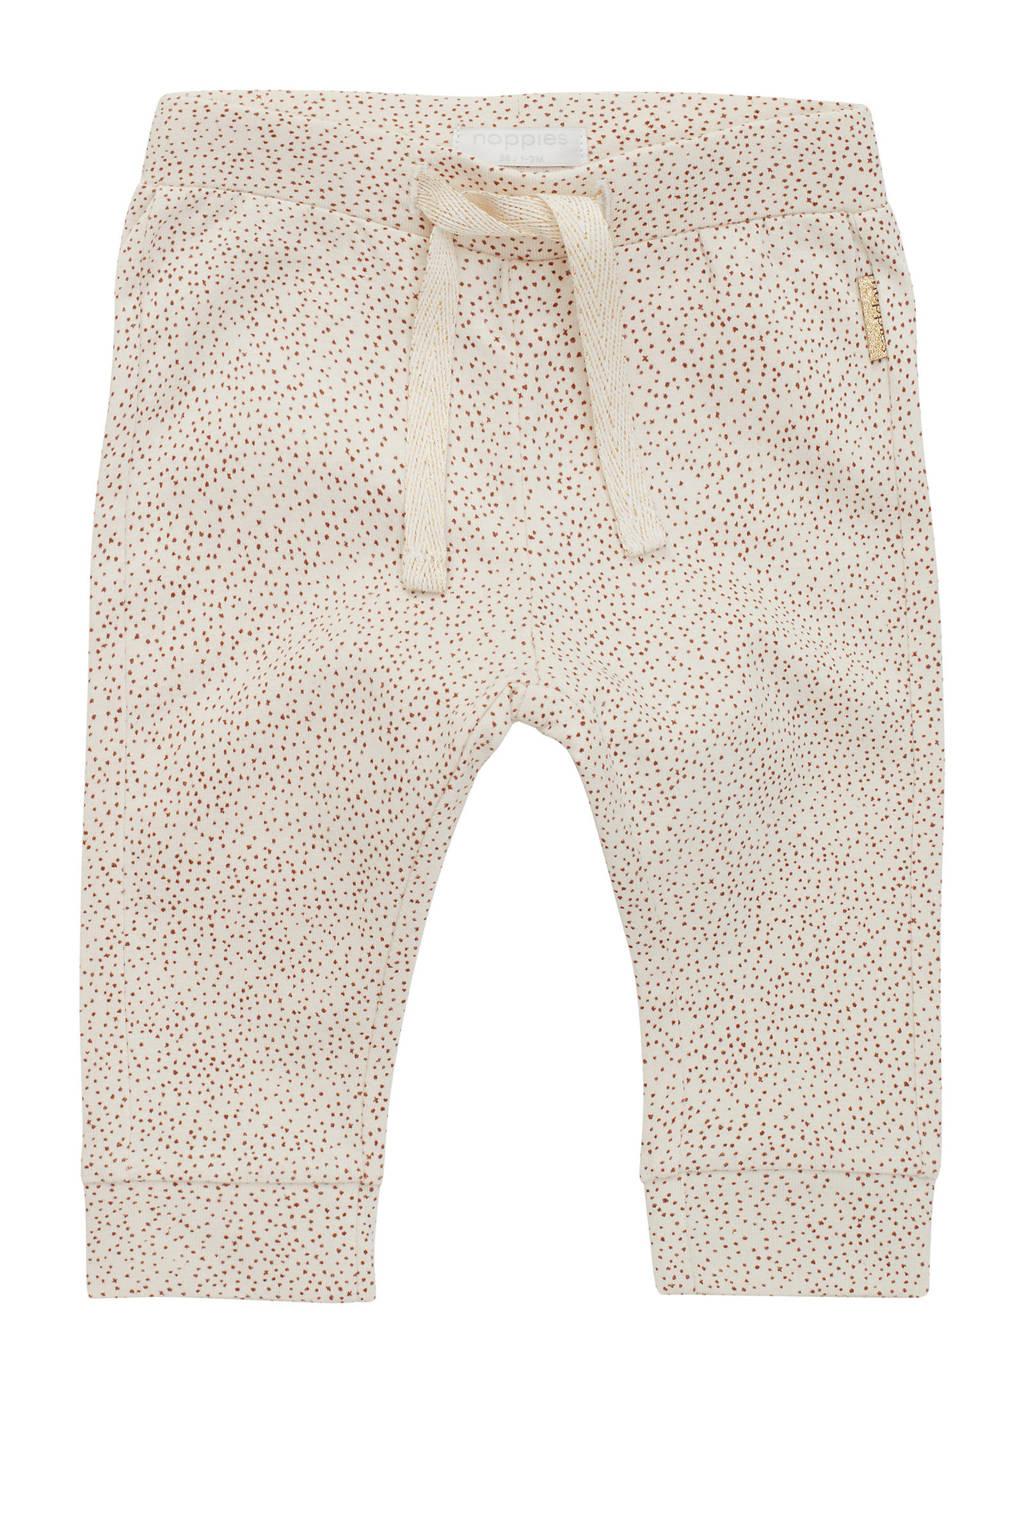 Noppies baby slim fit broek Seaside met all over print beige melange